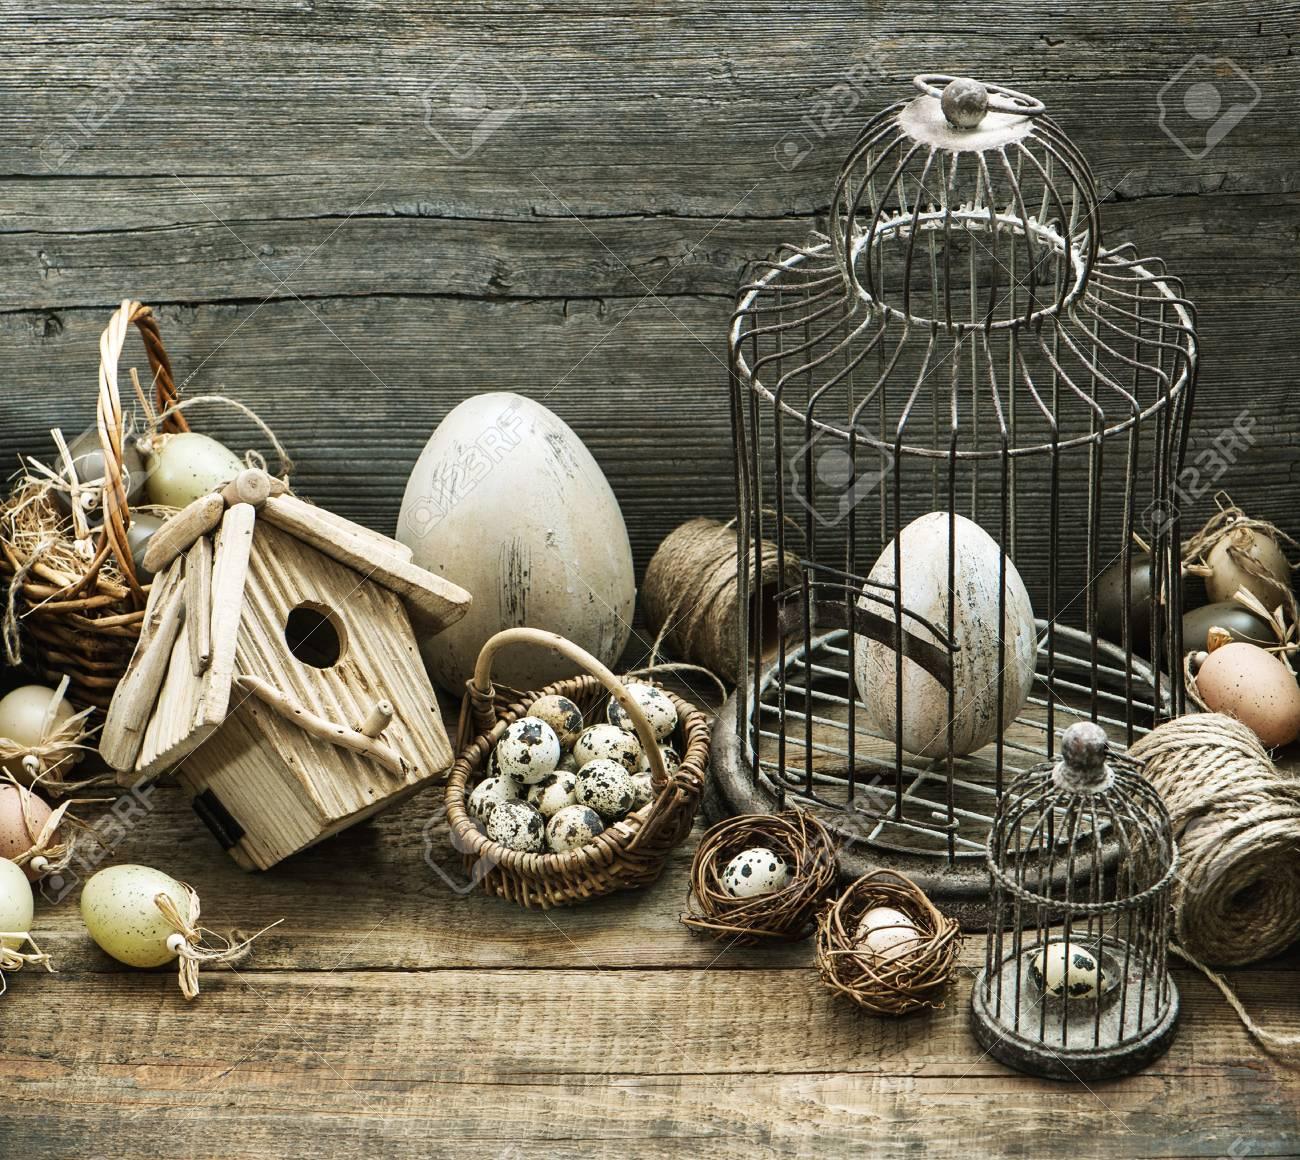 Banque Du0027images   Décoration De Pâques Vintage Avec Des Oeufs, Volière Et  Cage à Oiseaux. Intérieur De Maison De Style De Campagne Nostalgique